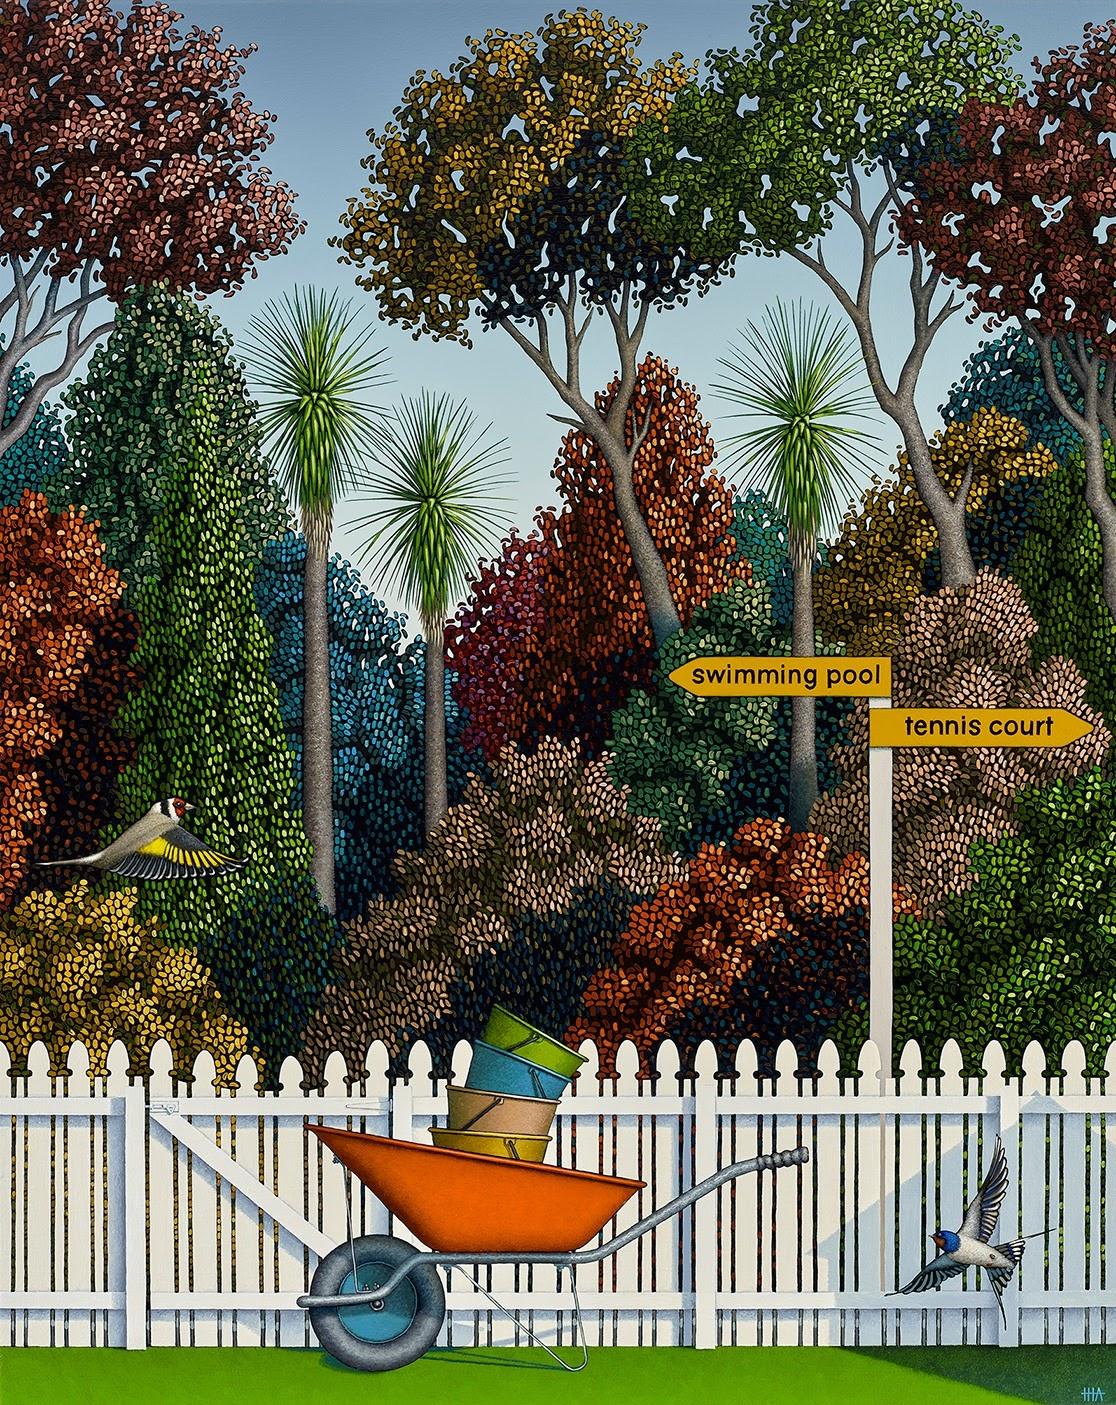 Hamish Allan Lazy bones and the pleasure garden